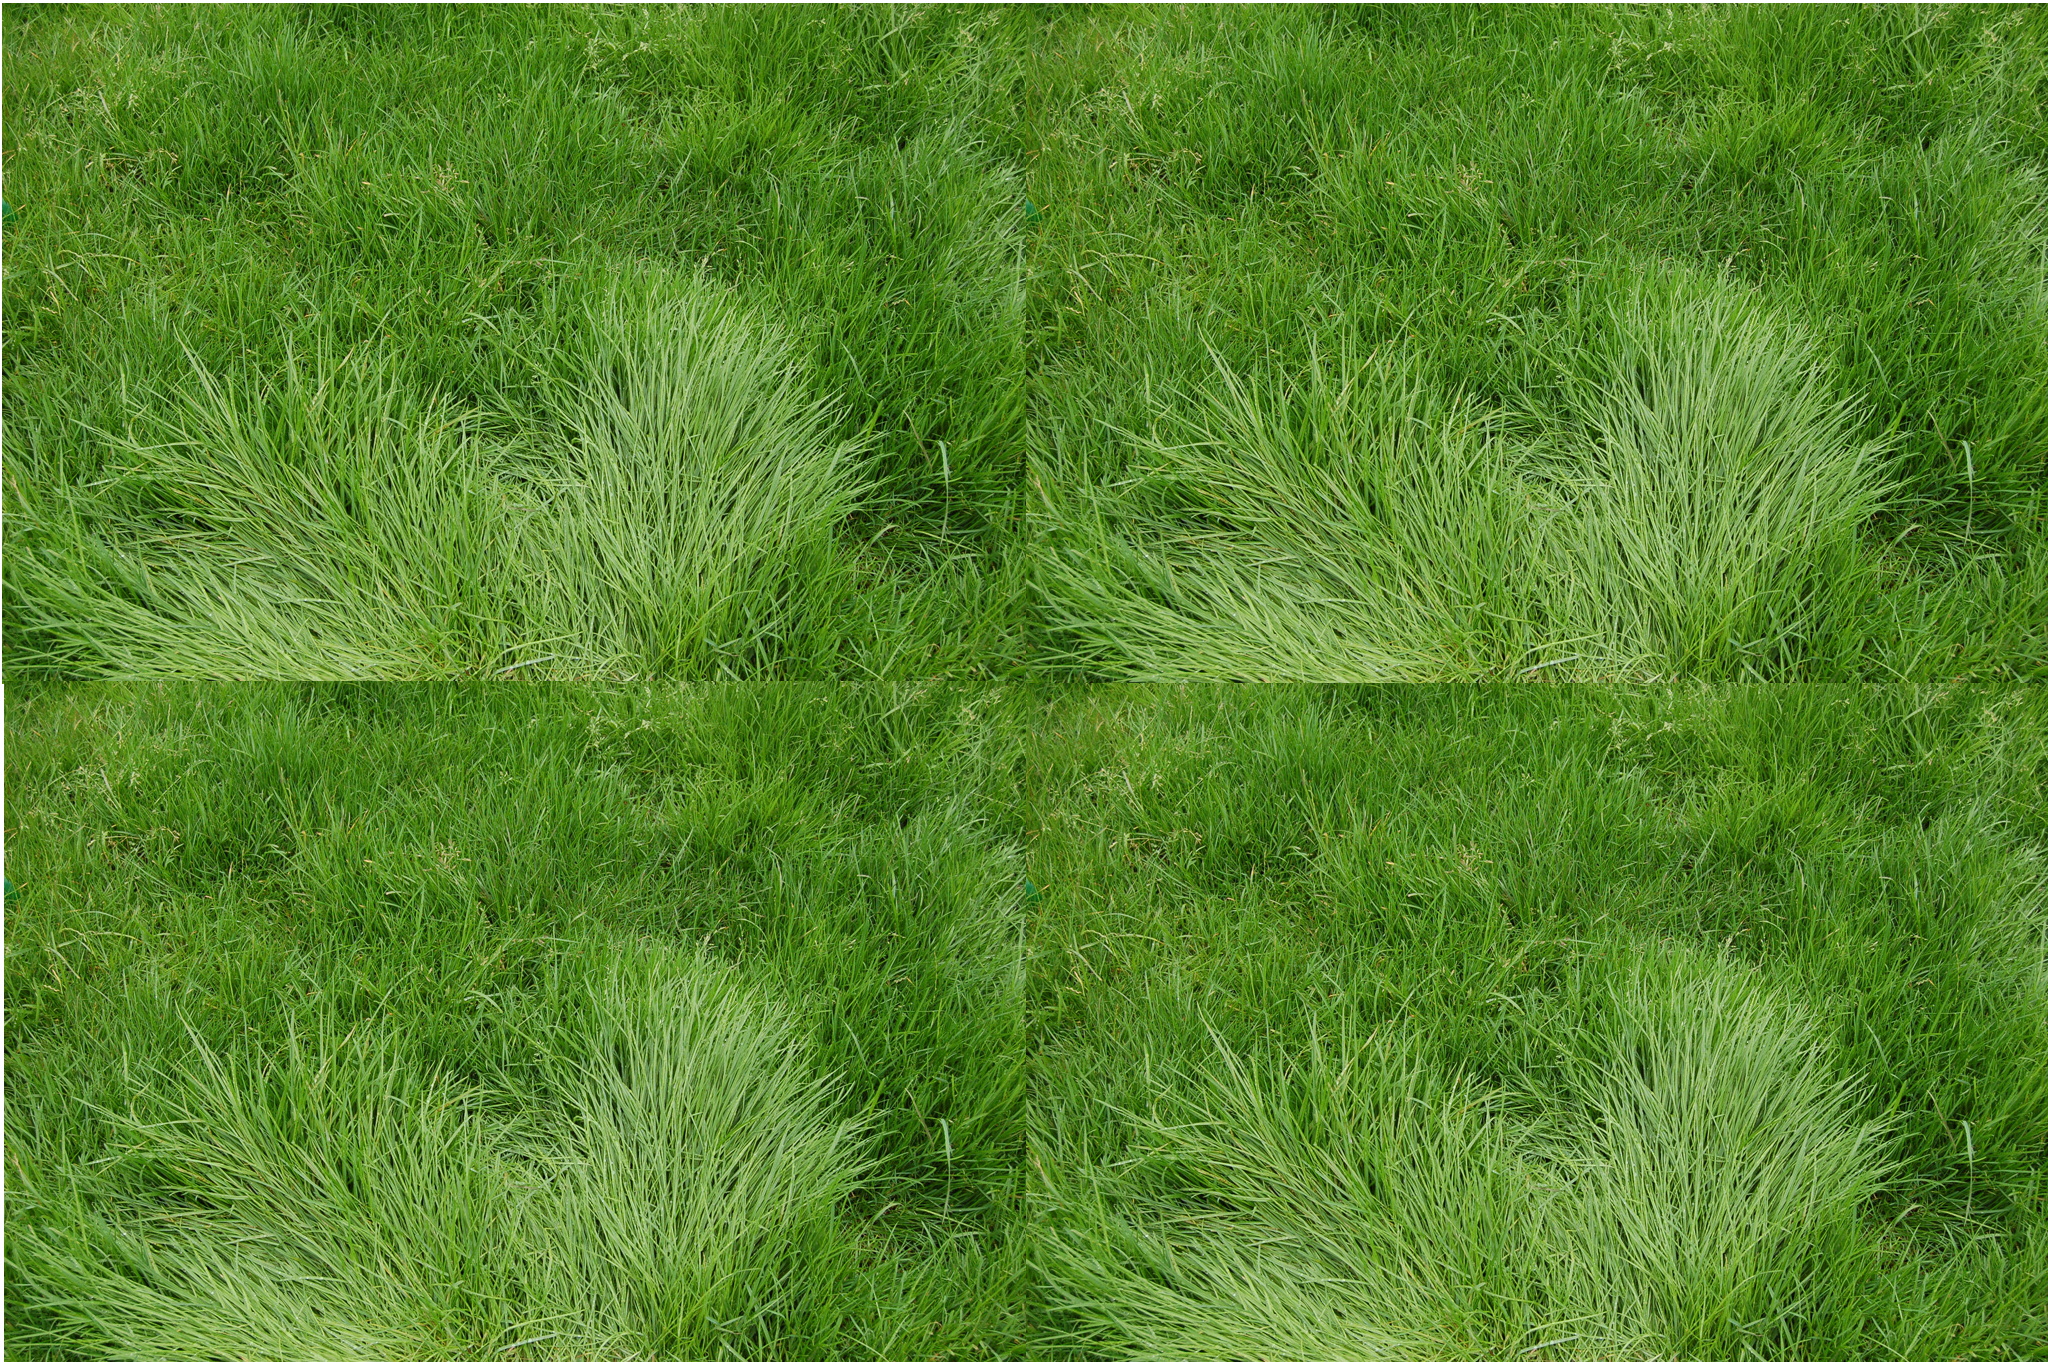 grass_texture1